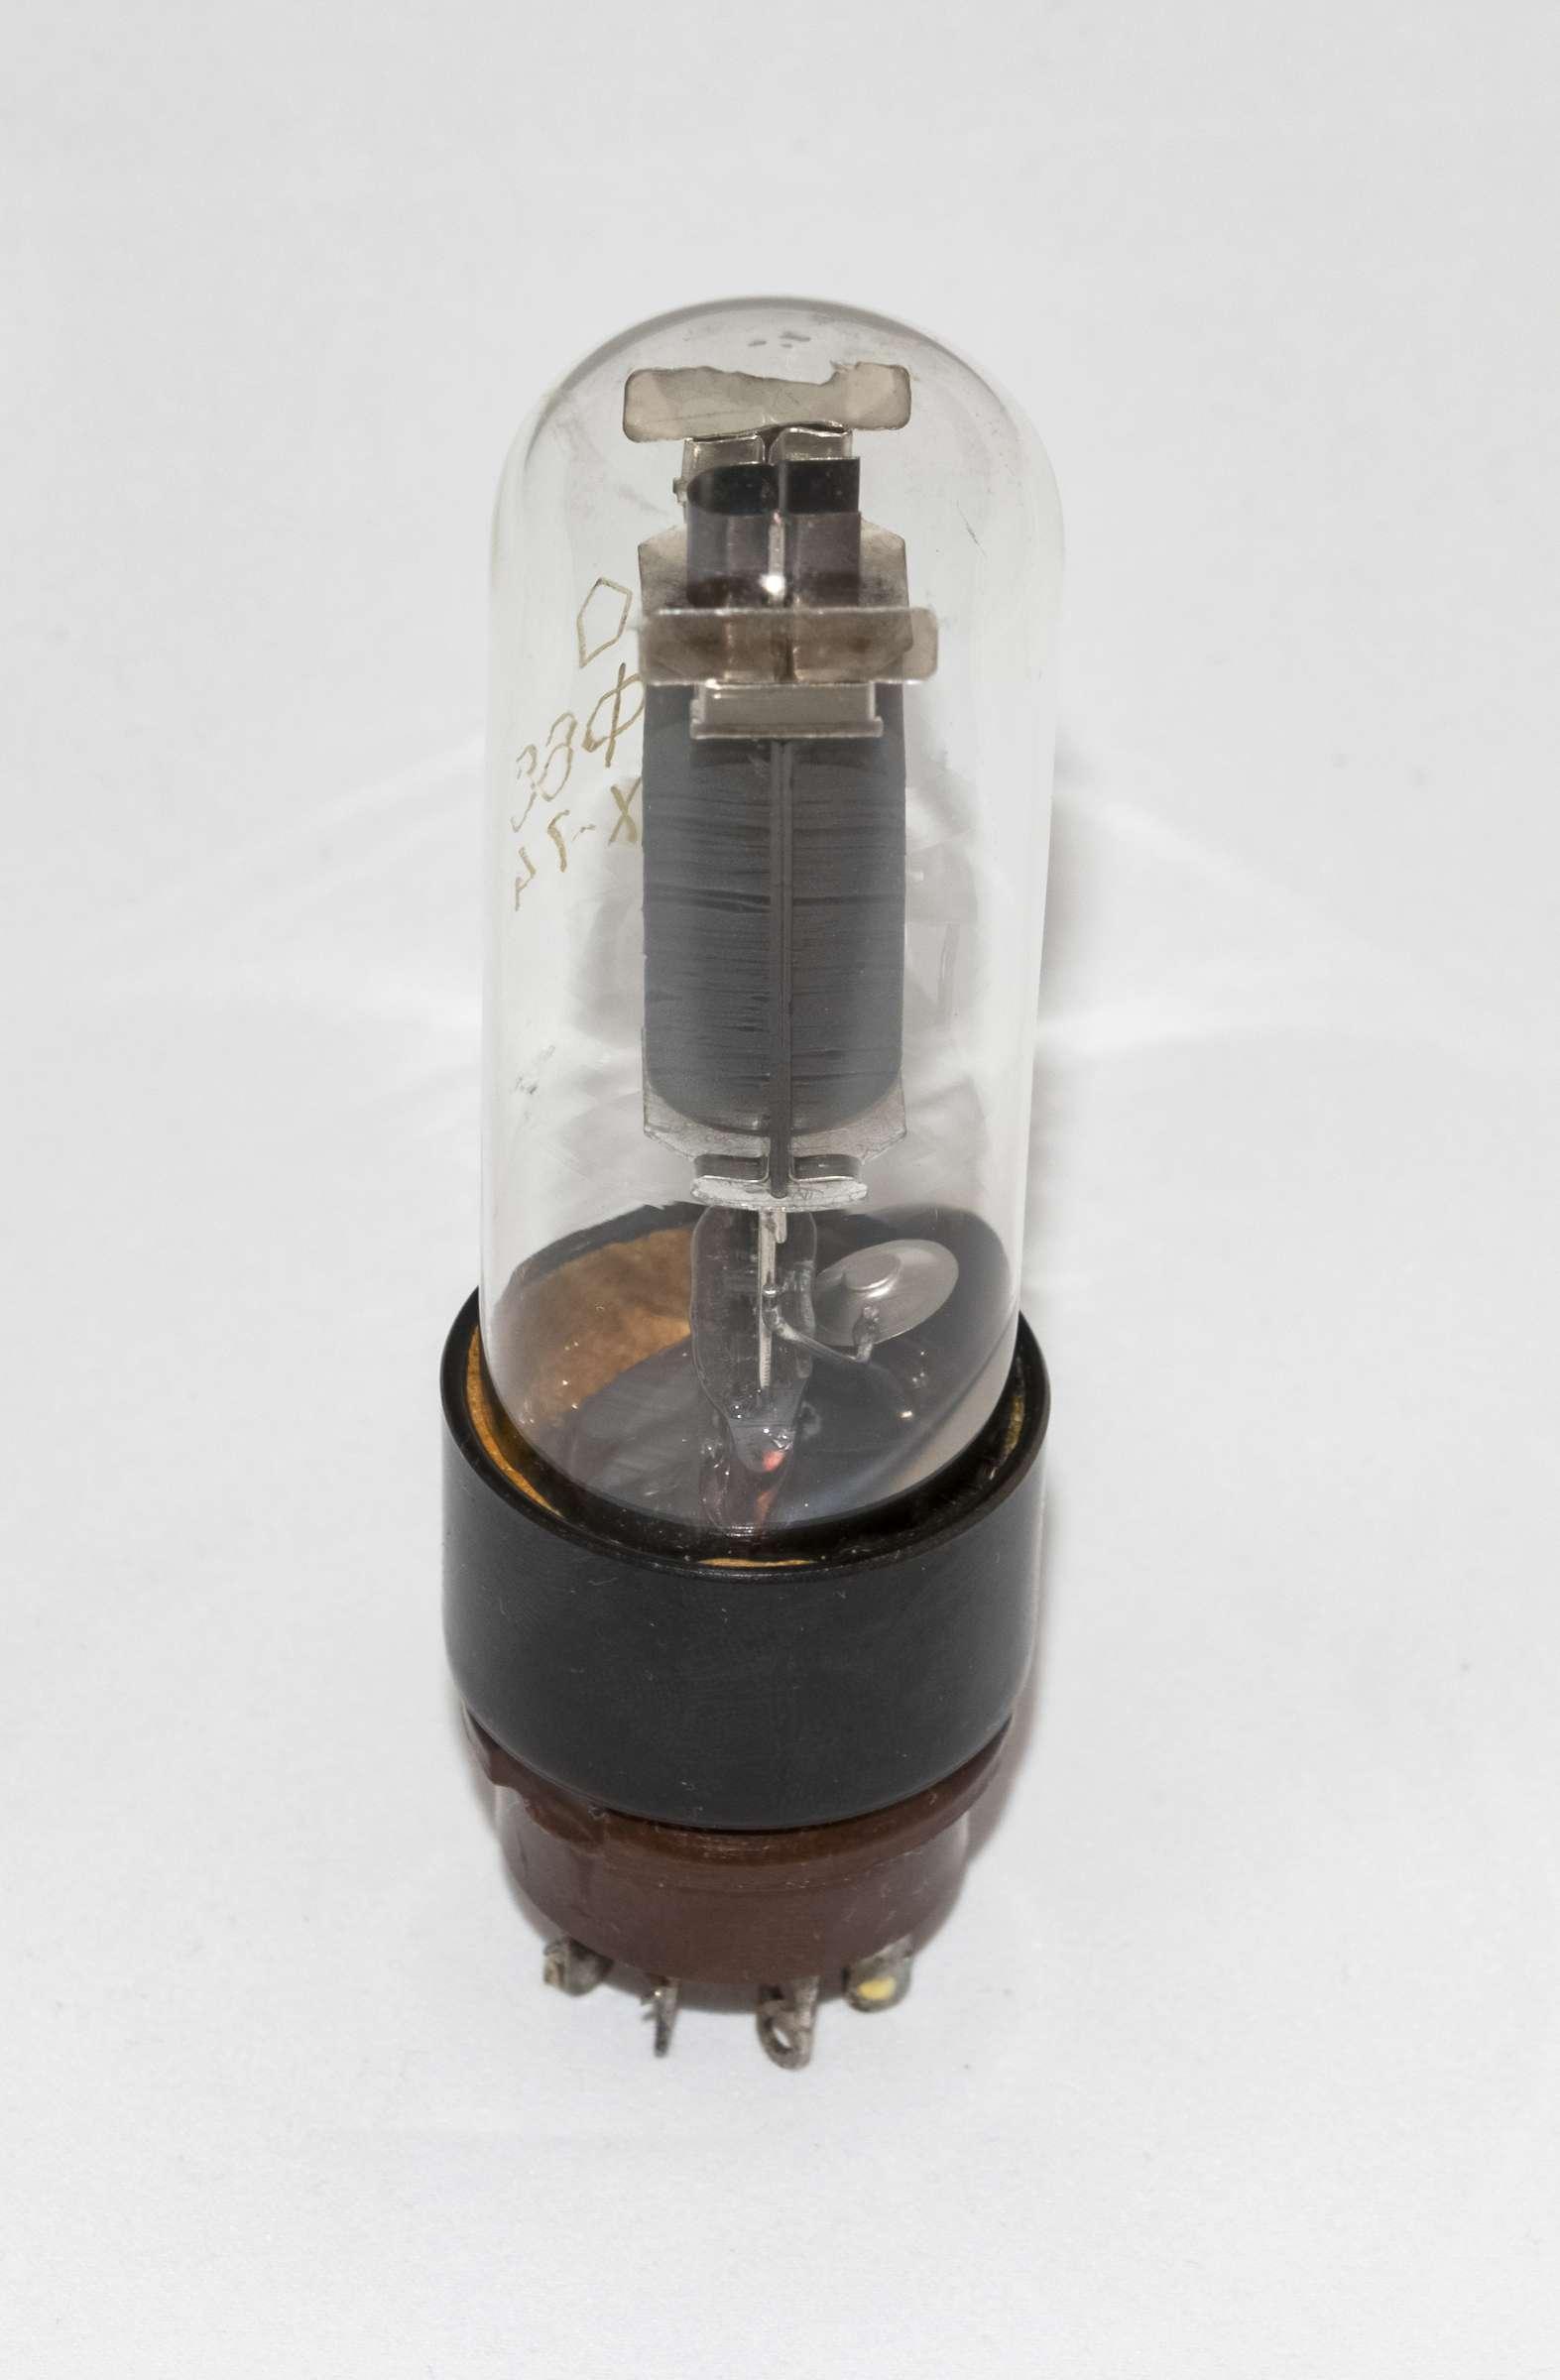 Внешний вид радиолампы 6Ф6С